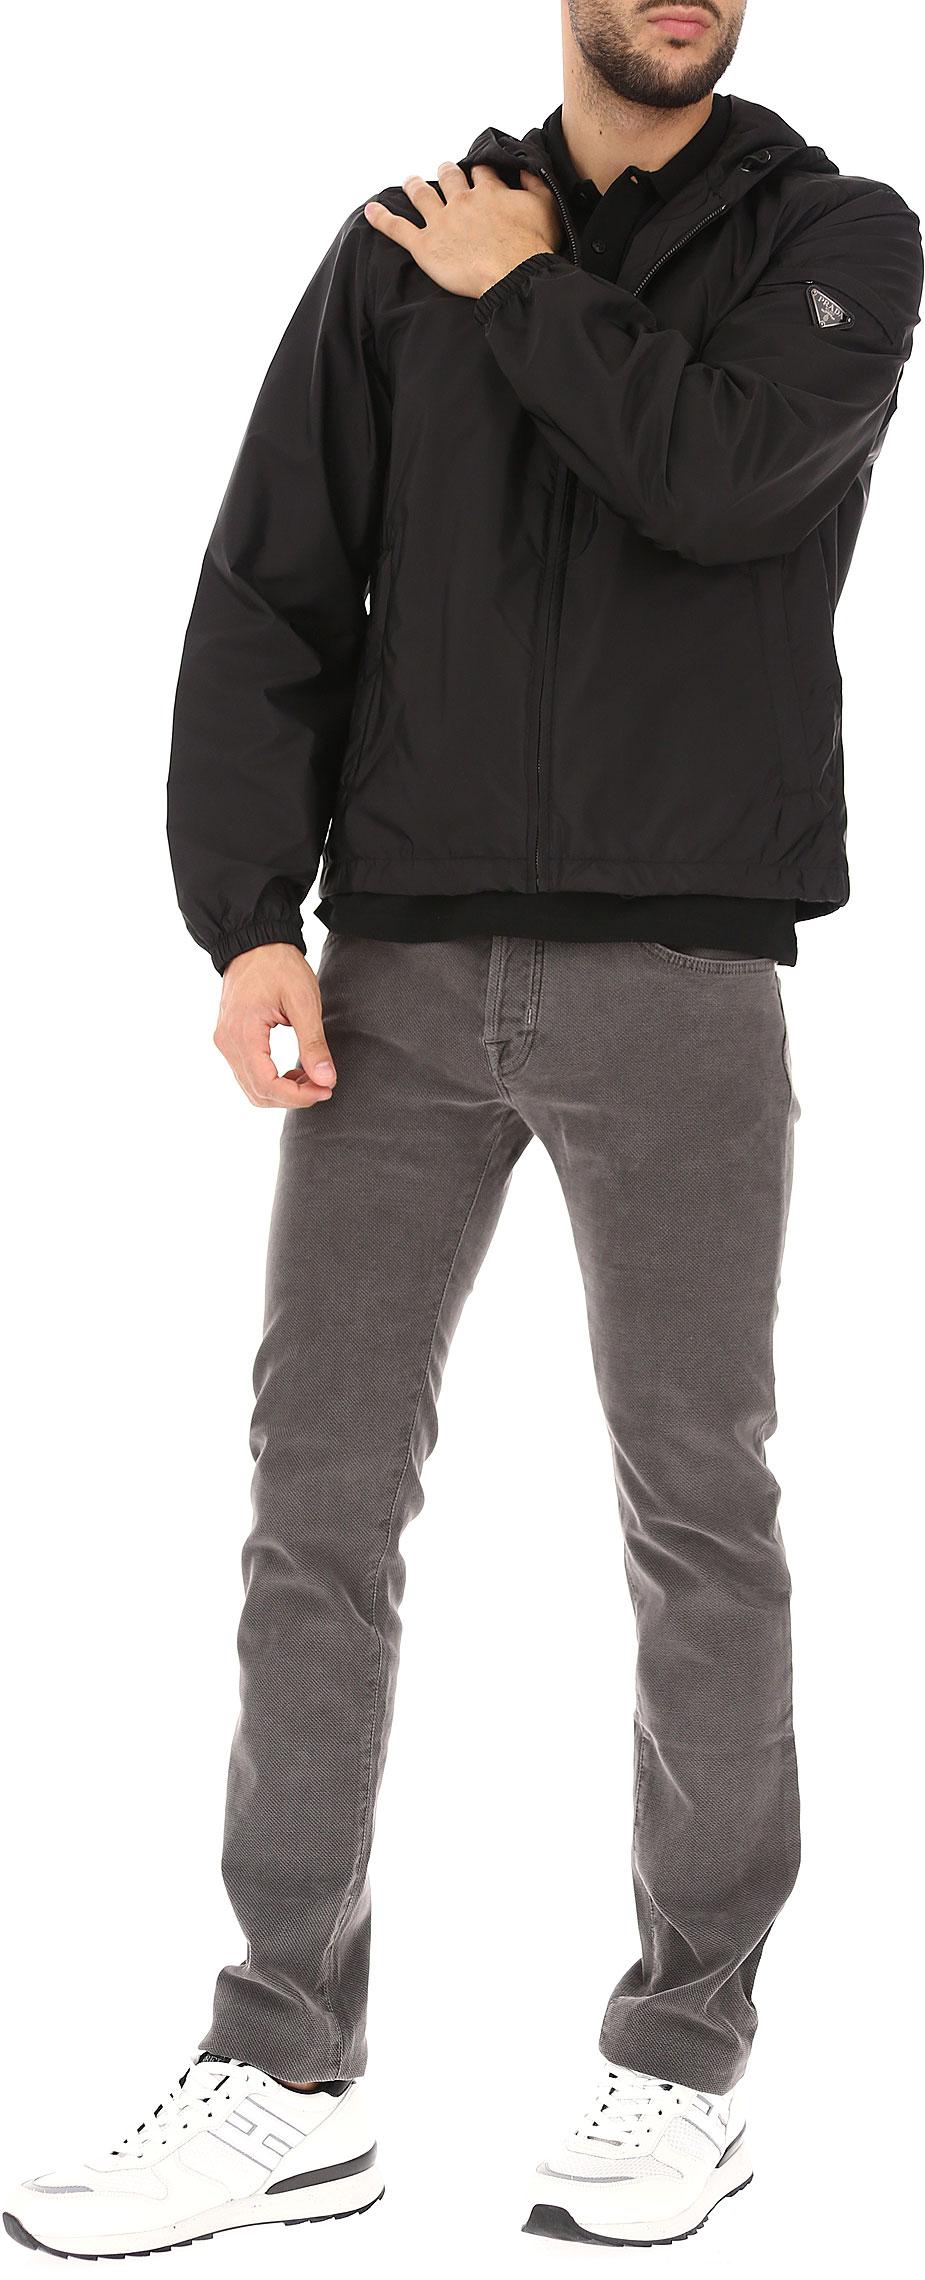 Abbigliamento Uomo Prada Codice Articolo Sgi242-q04-f0002